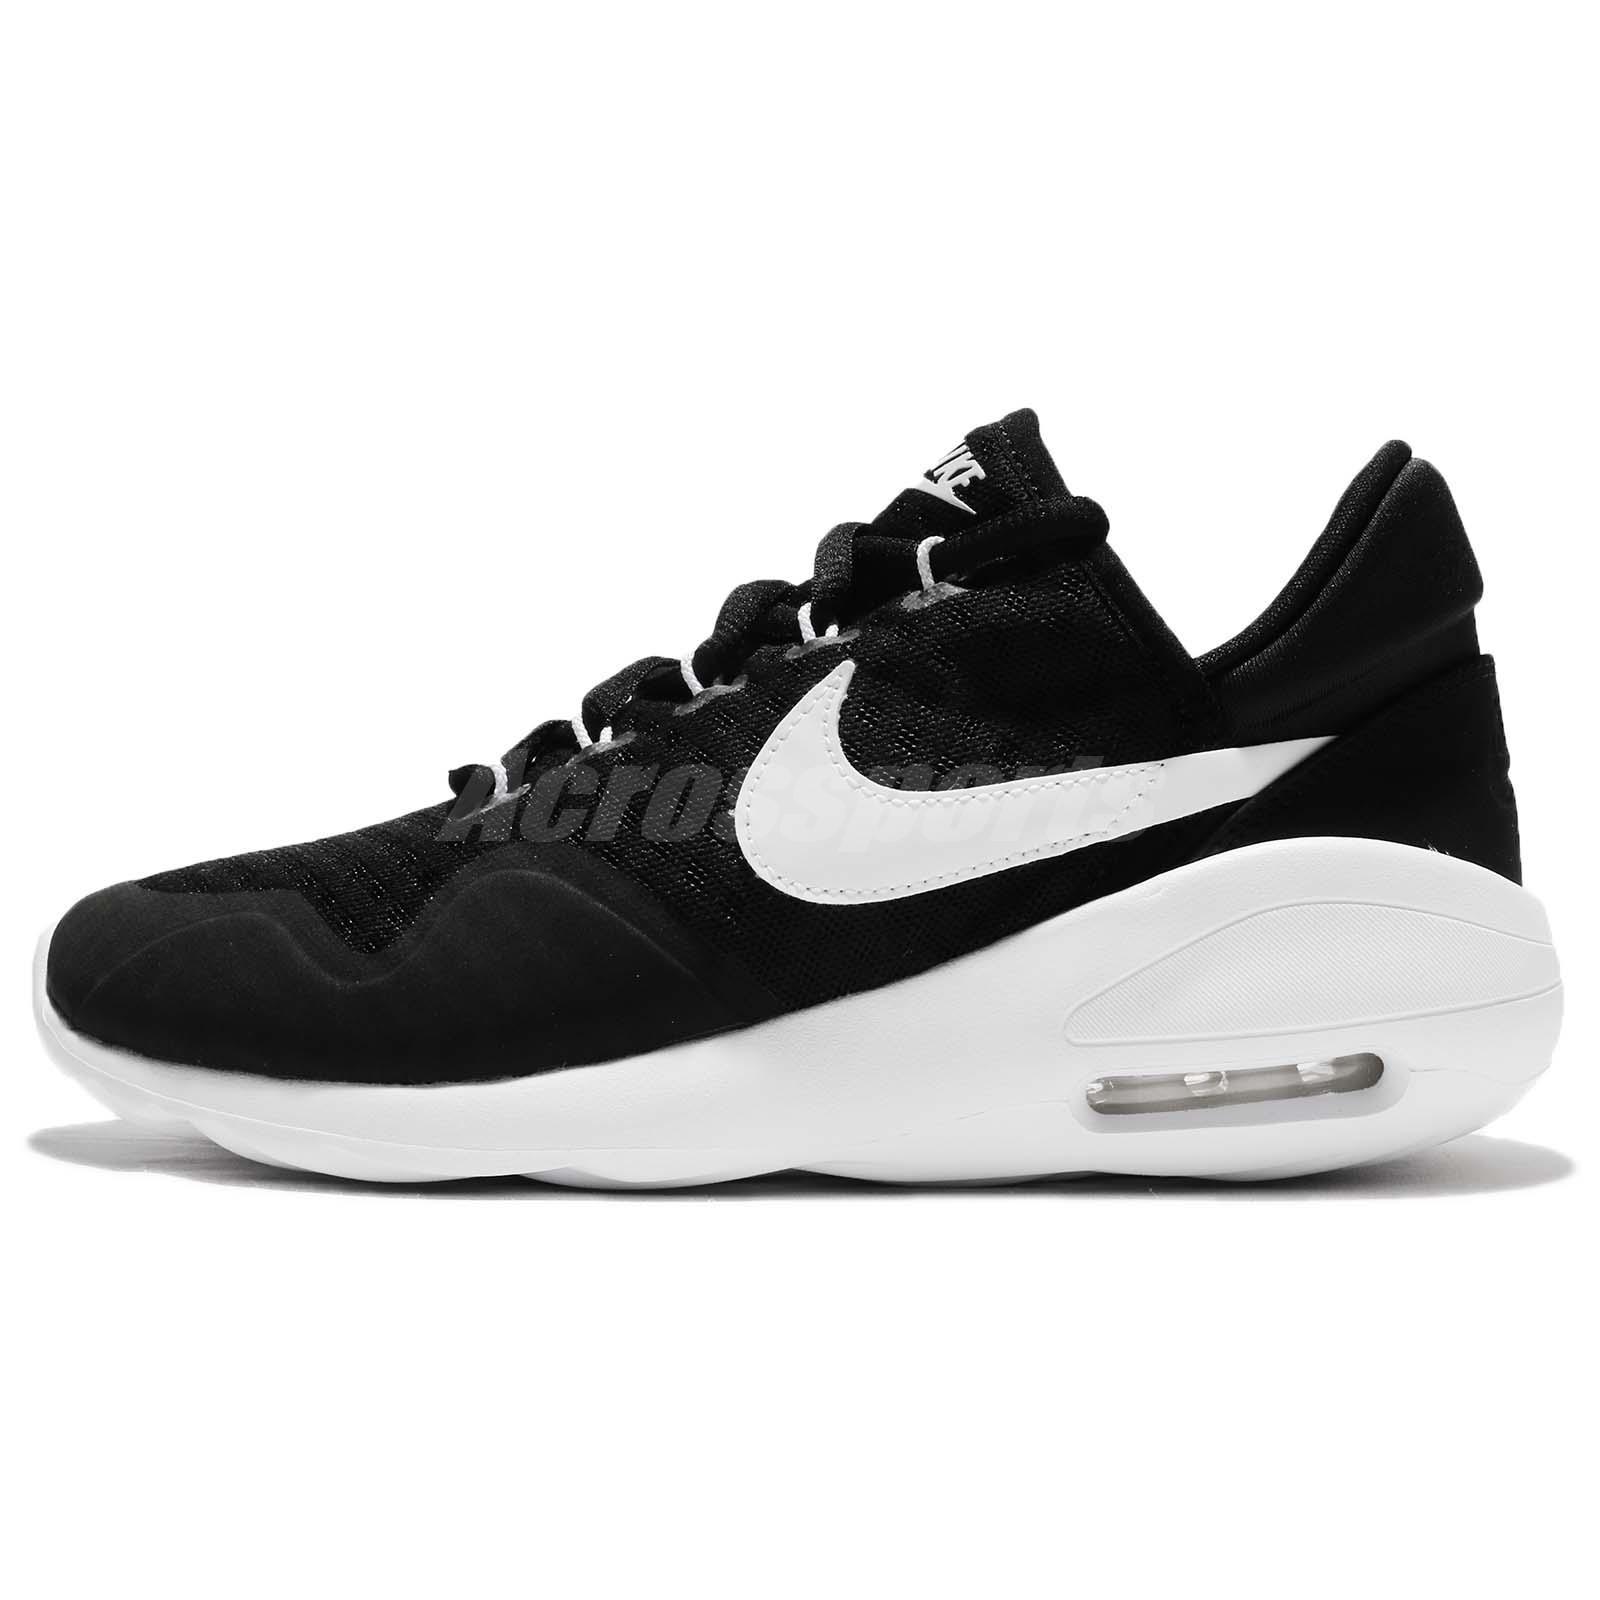 eaae8a5b80 Wmns Nike Air Max Sasha Black White Women Shoes Sneakers Trainers 916783-003